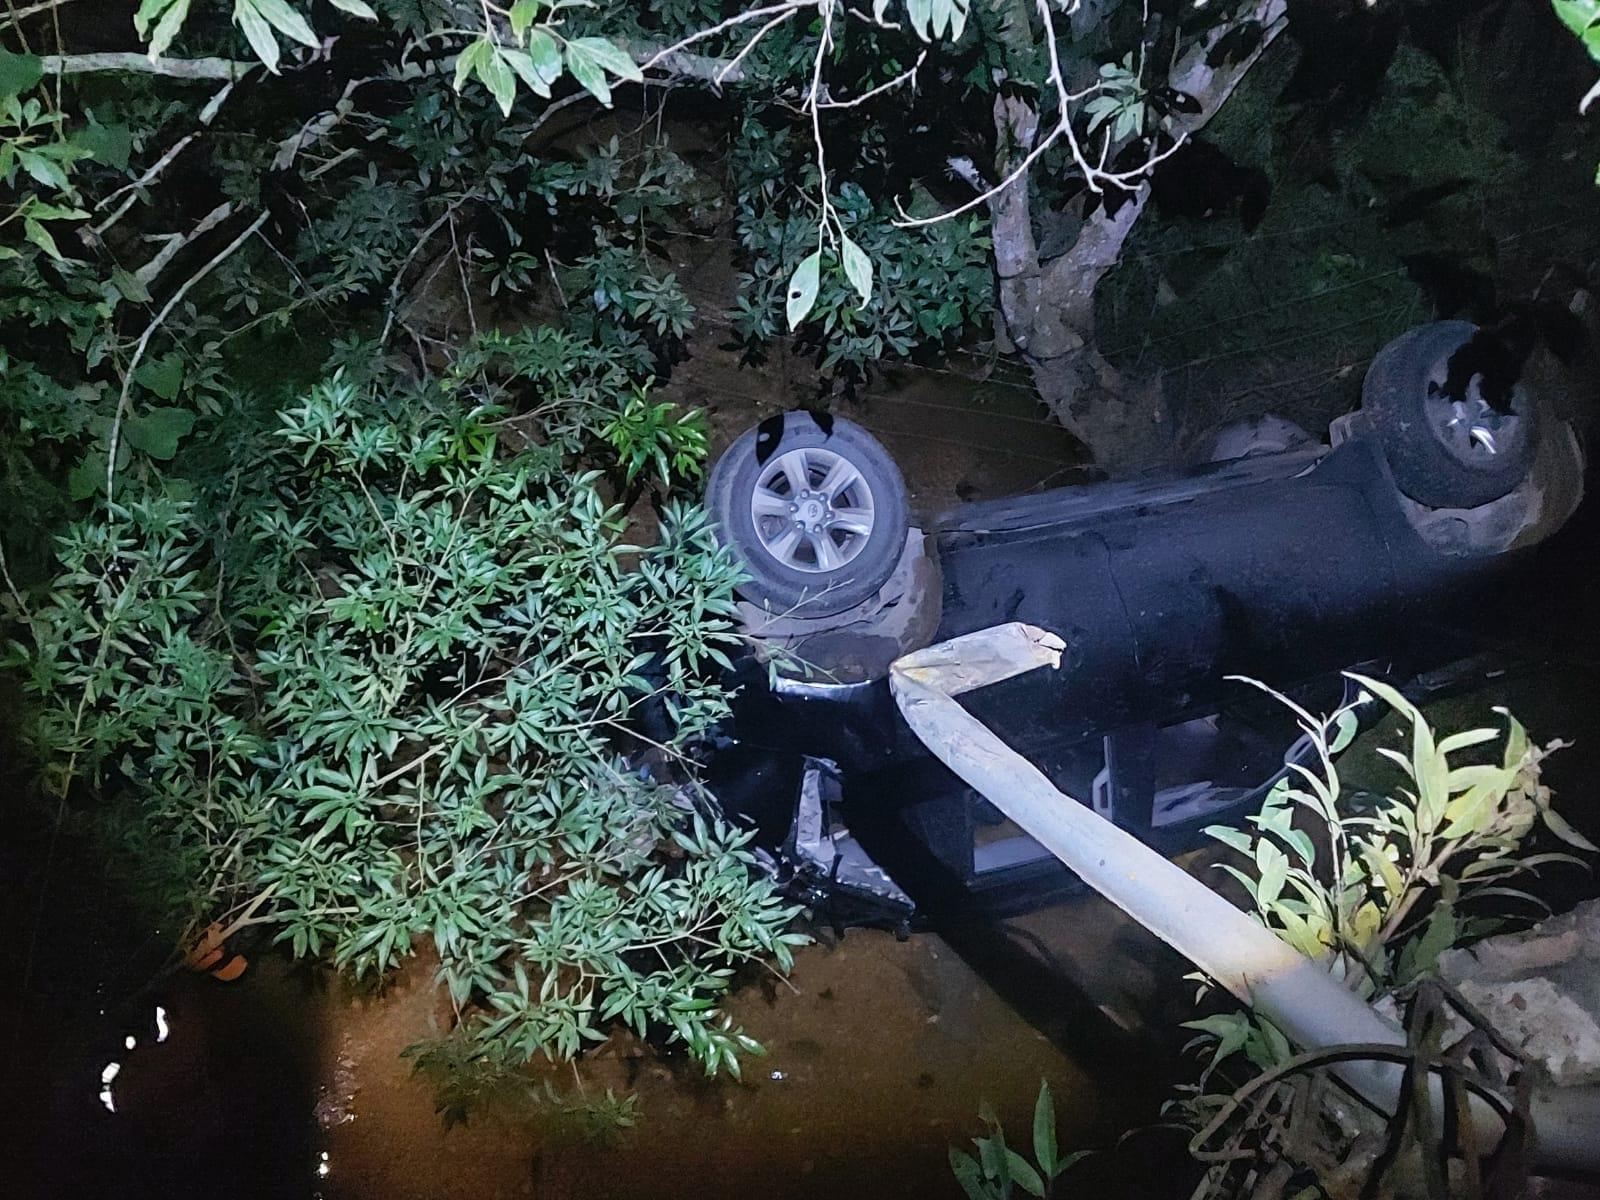 19 personas heridas dejaron dos accidentes de tránsito en el Tolima 4